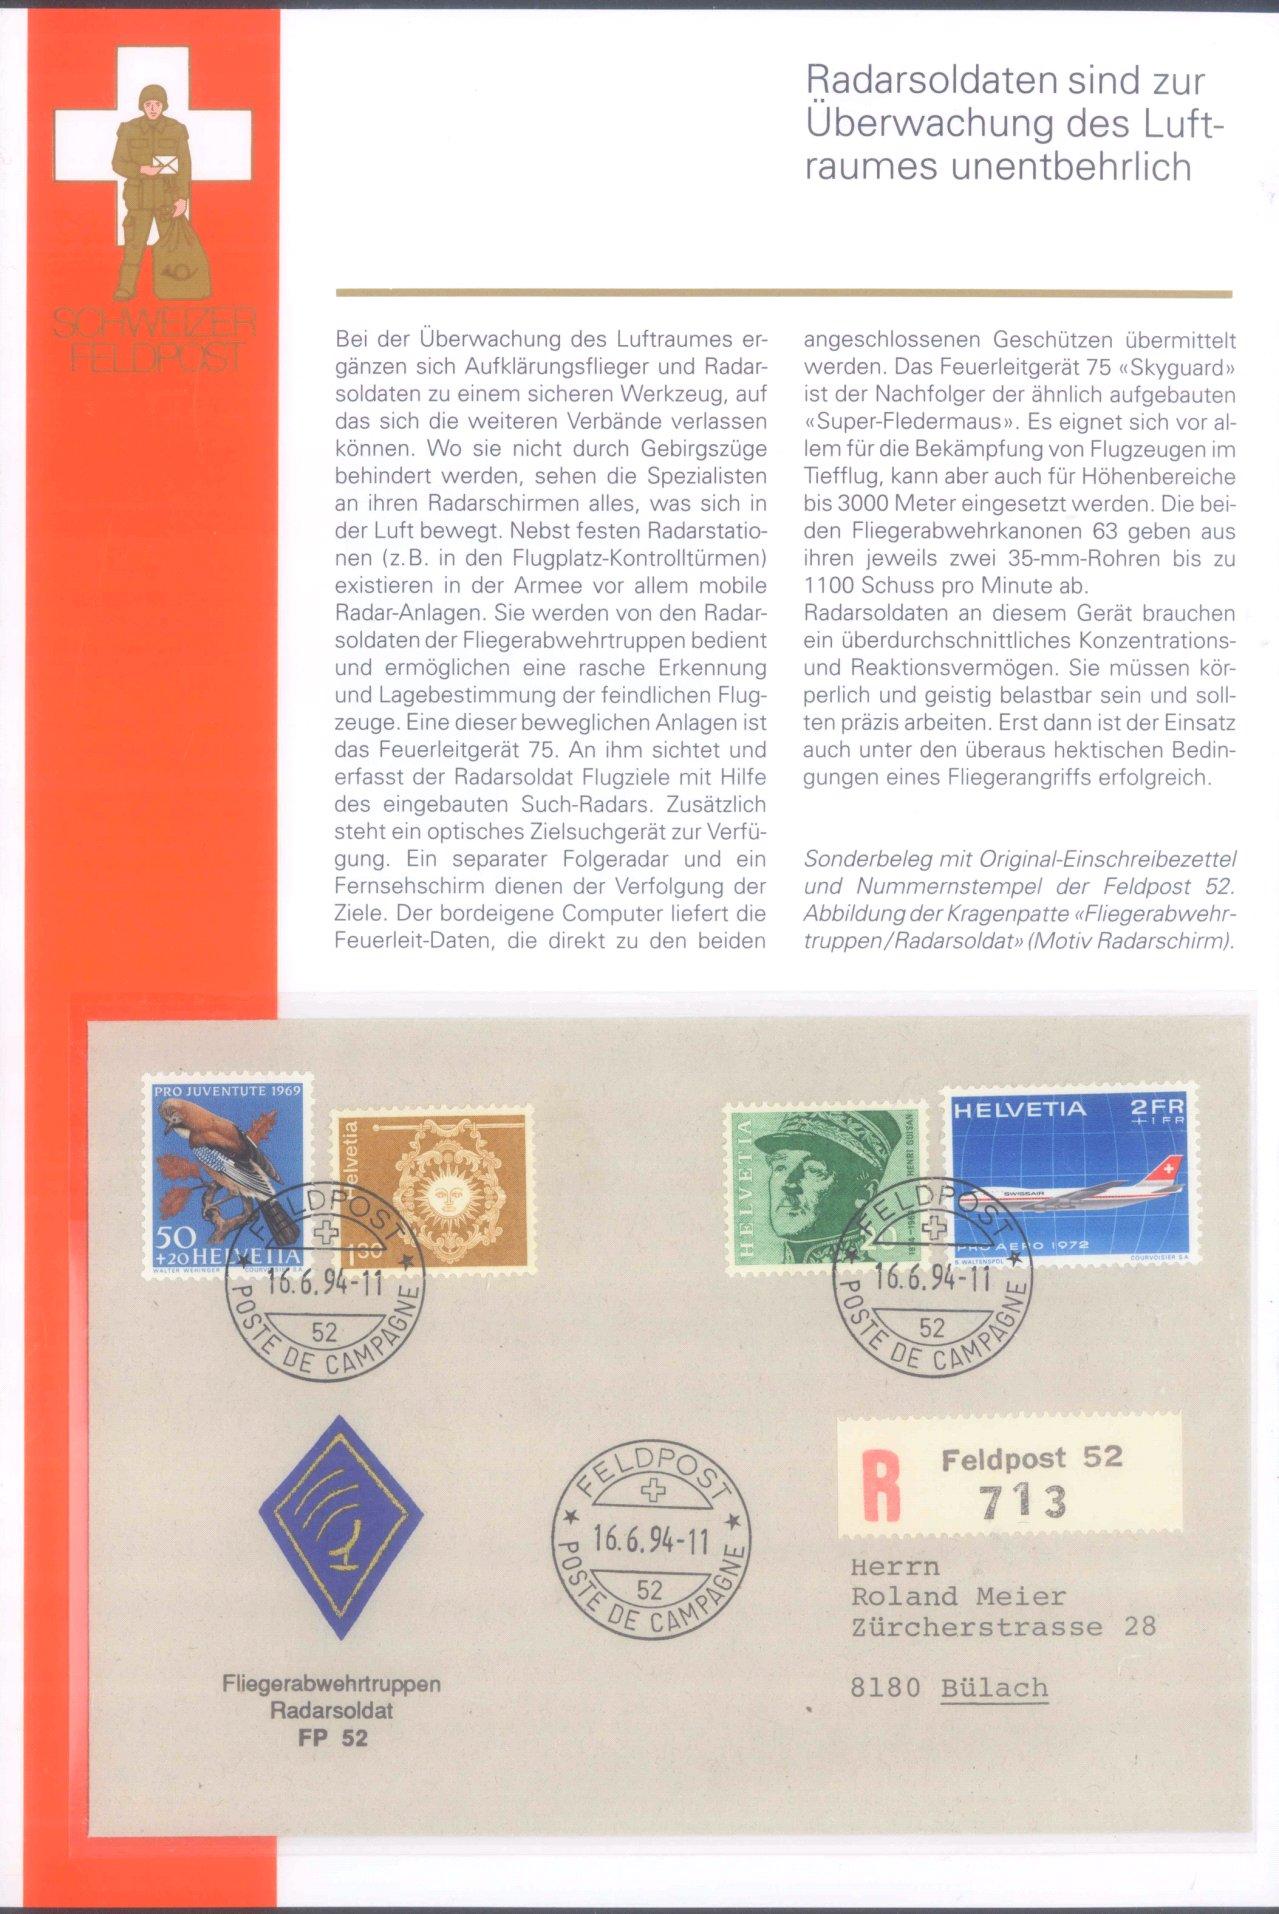 BUNTES aus der KISTE: Aland, Schweiz, 135,- US DOLLAR…-4